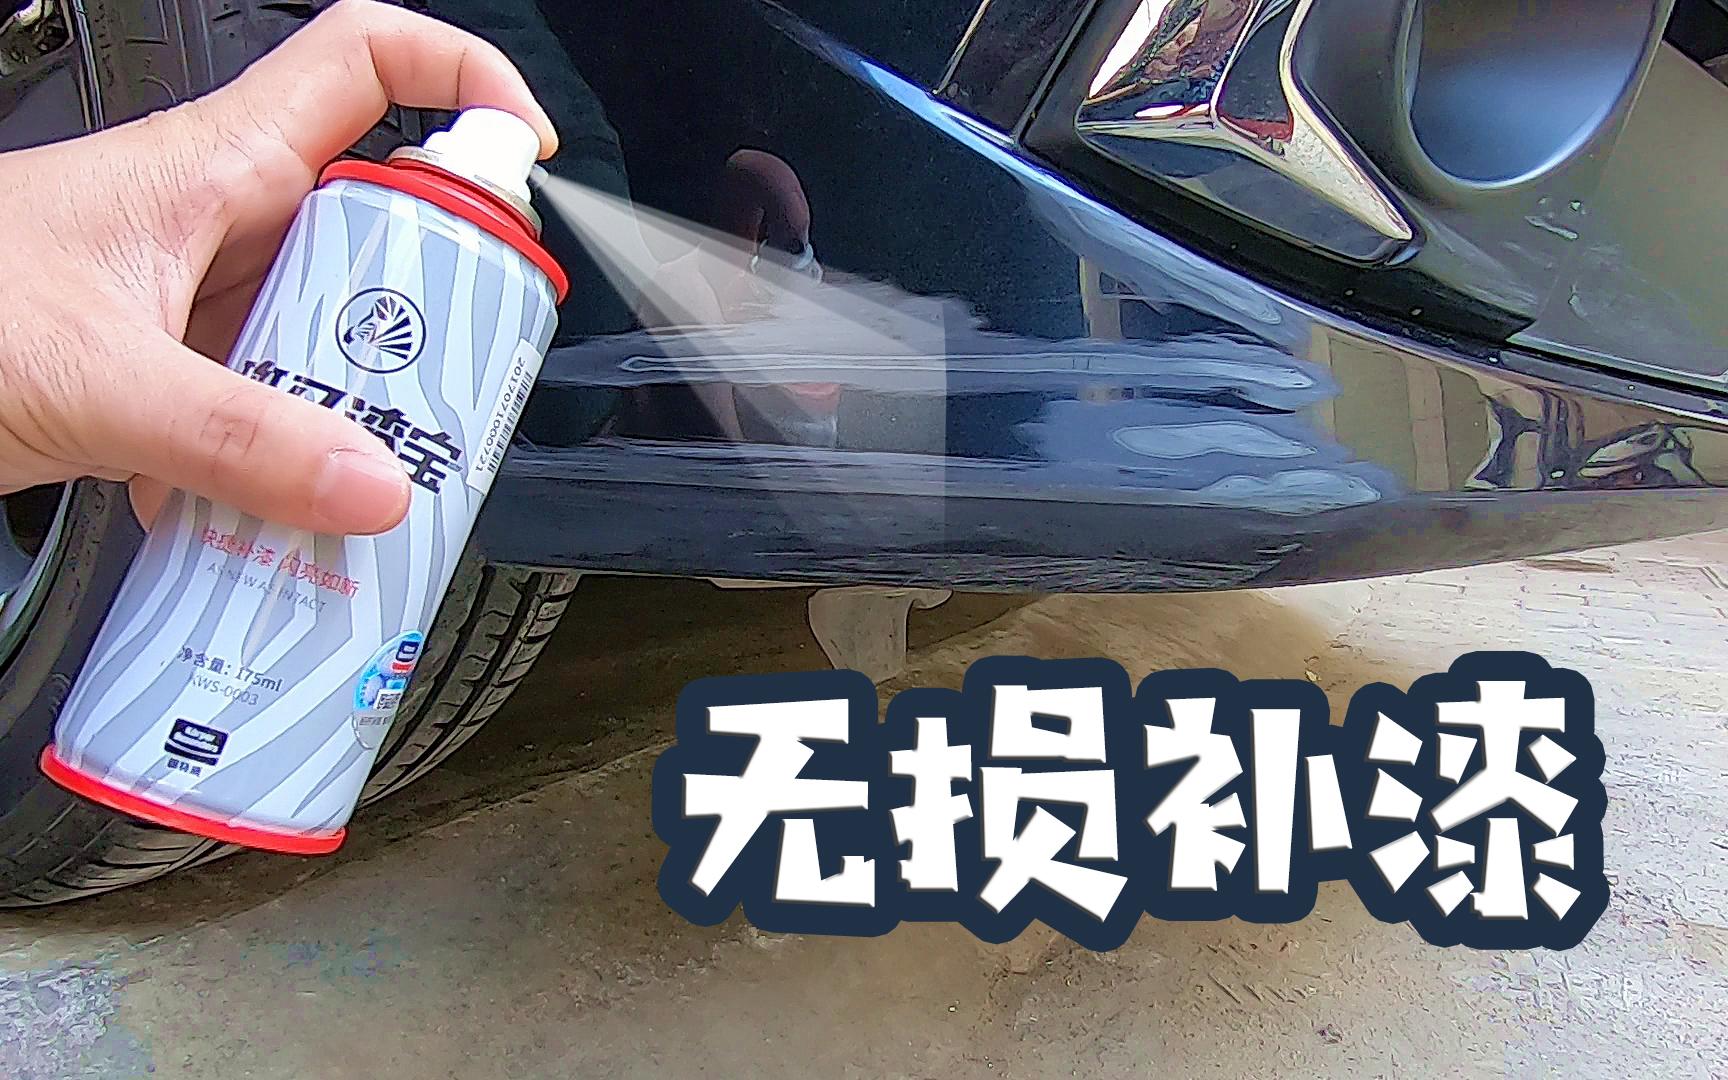 【撸车师兄】有不覆盖原车漆的补漆方法吗?有!师兄自己动手用新车试给你看